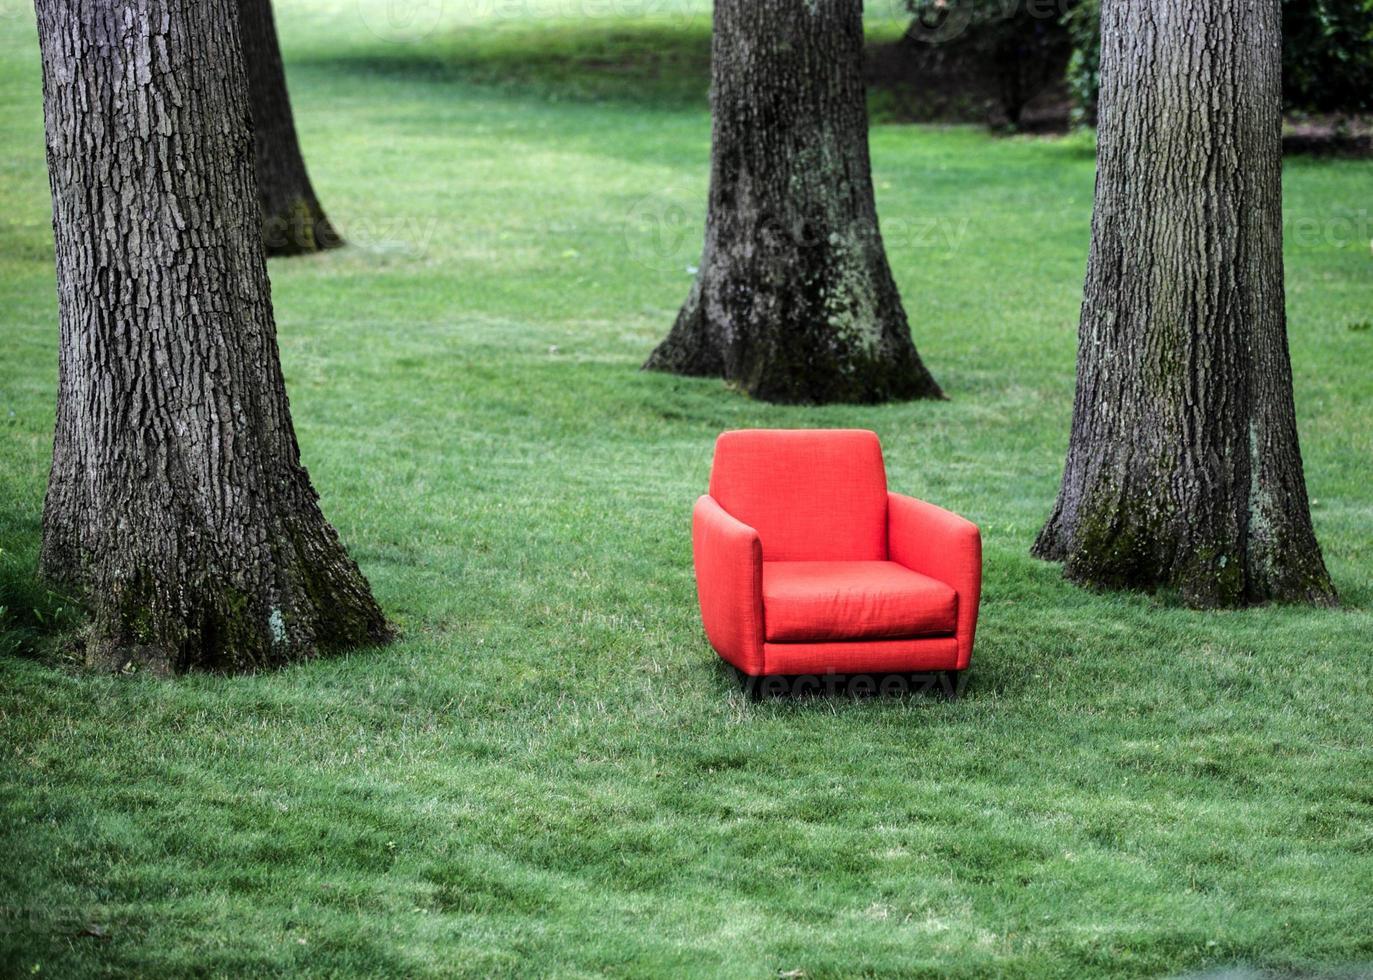 cadeira vermelha no gramado foto